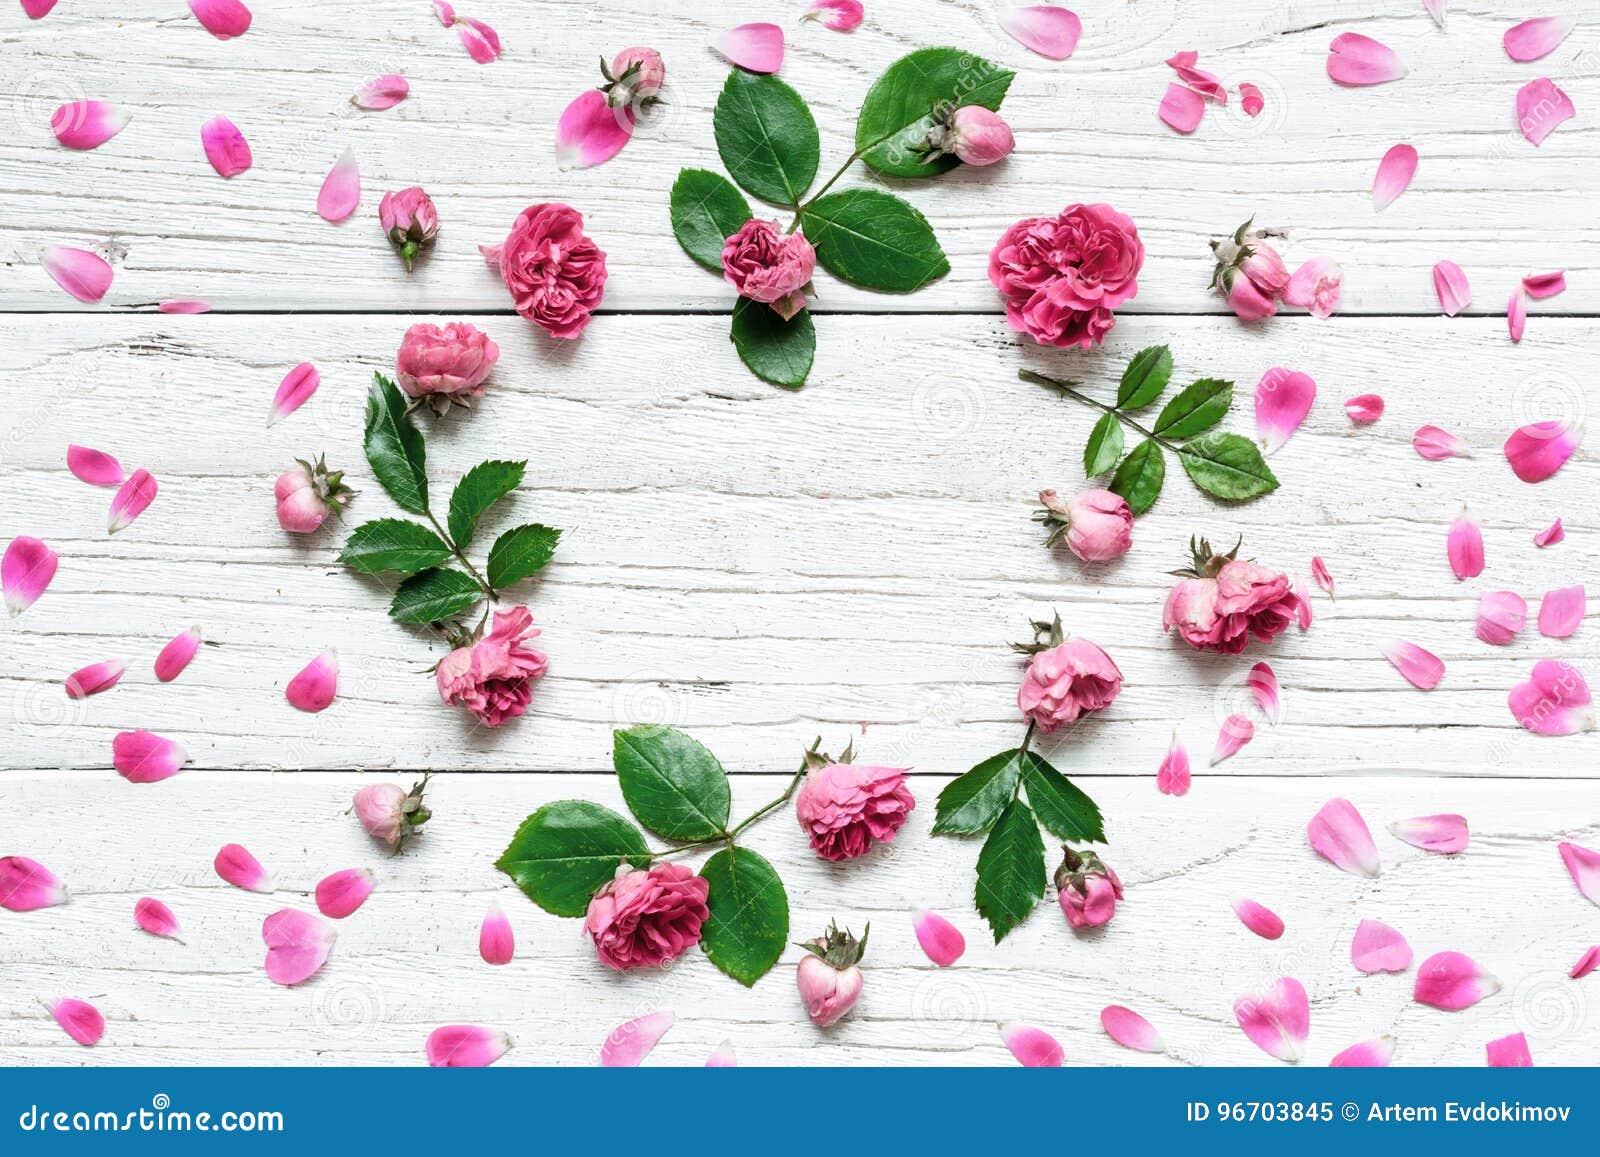 Το στρογγυλό σχέδιο λουλουδιών πλαισίων με τα τριαντάφυλλα ανθίζει, οφθαλμοί, πέταλα, κλάδοι και φύλλα